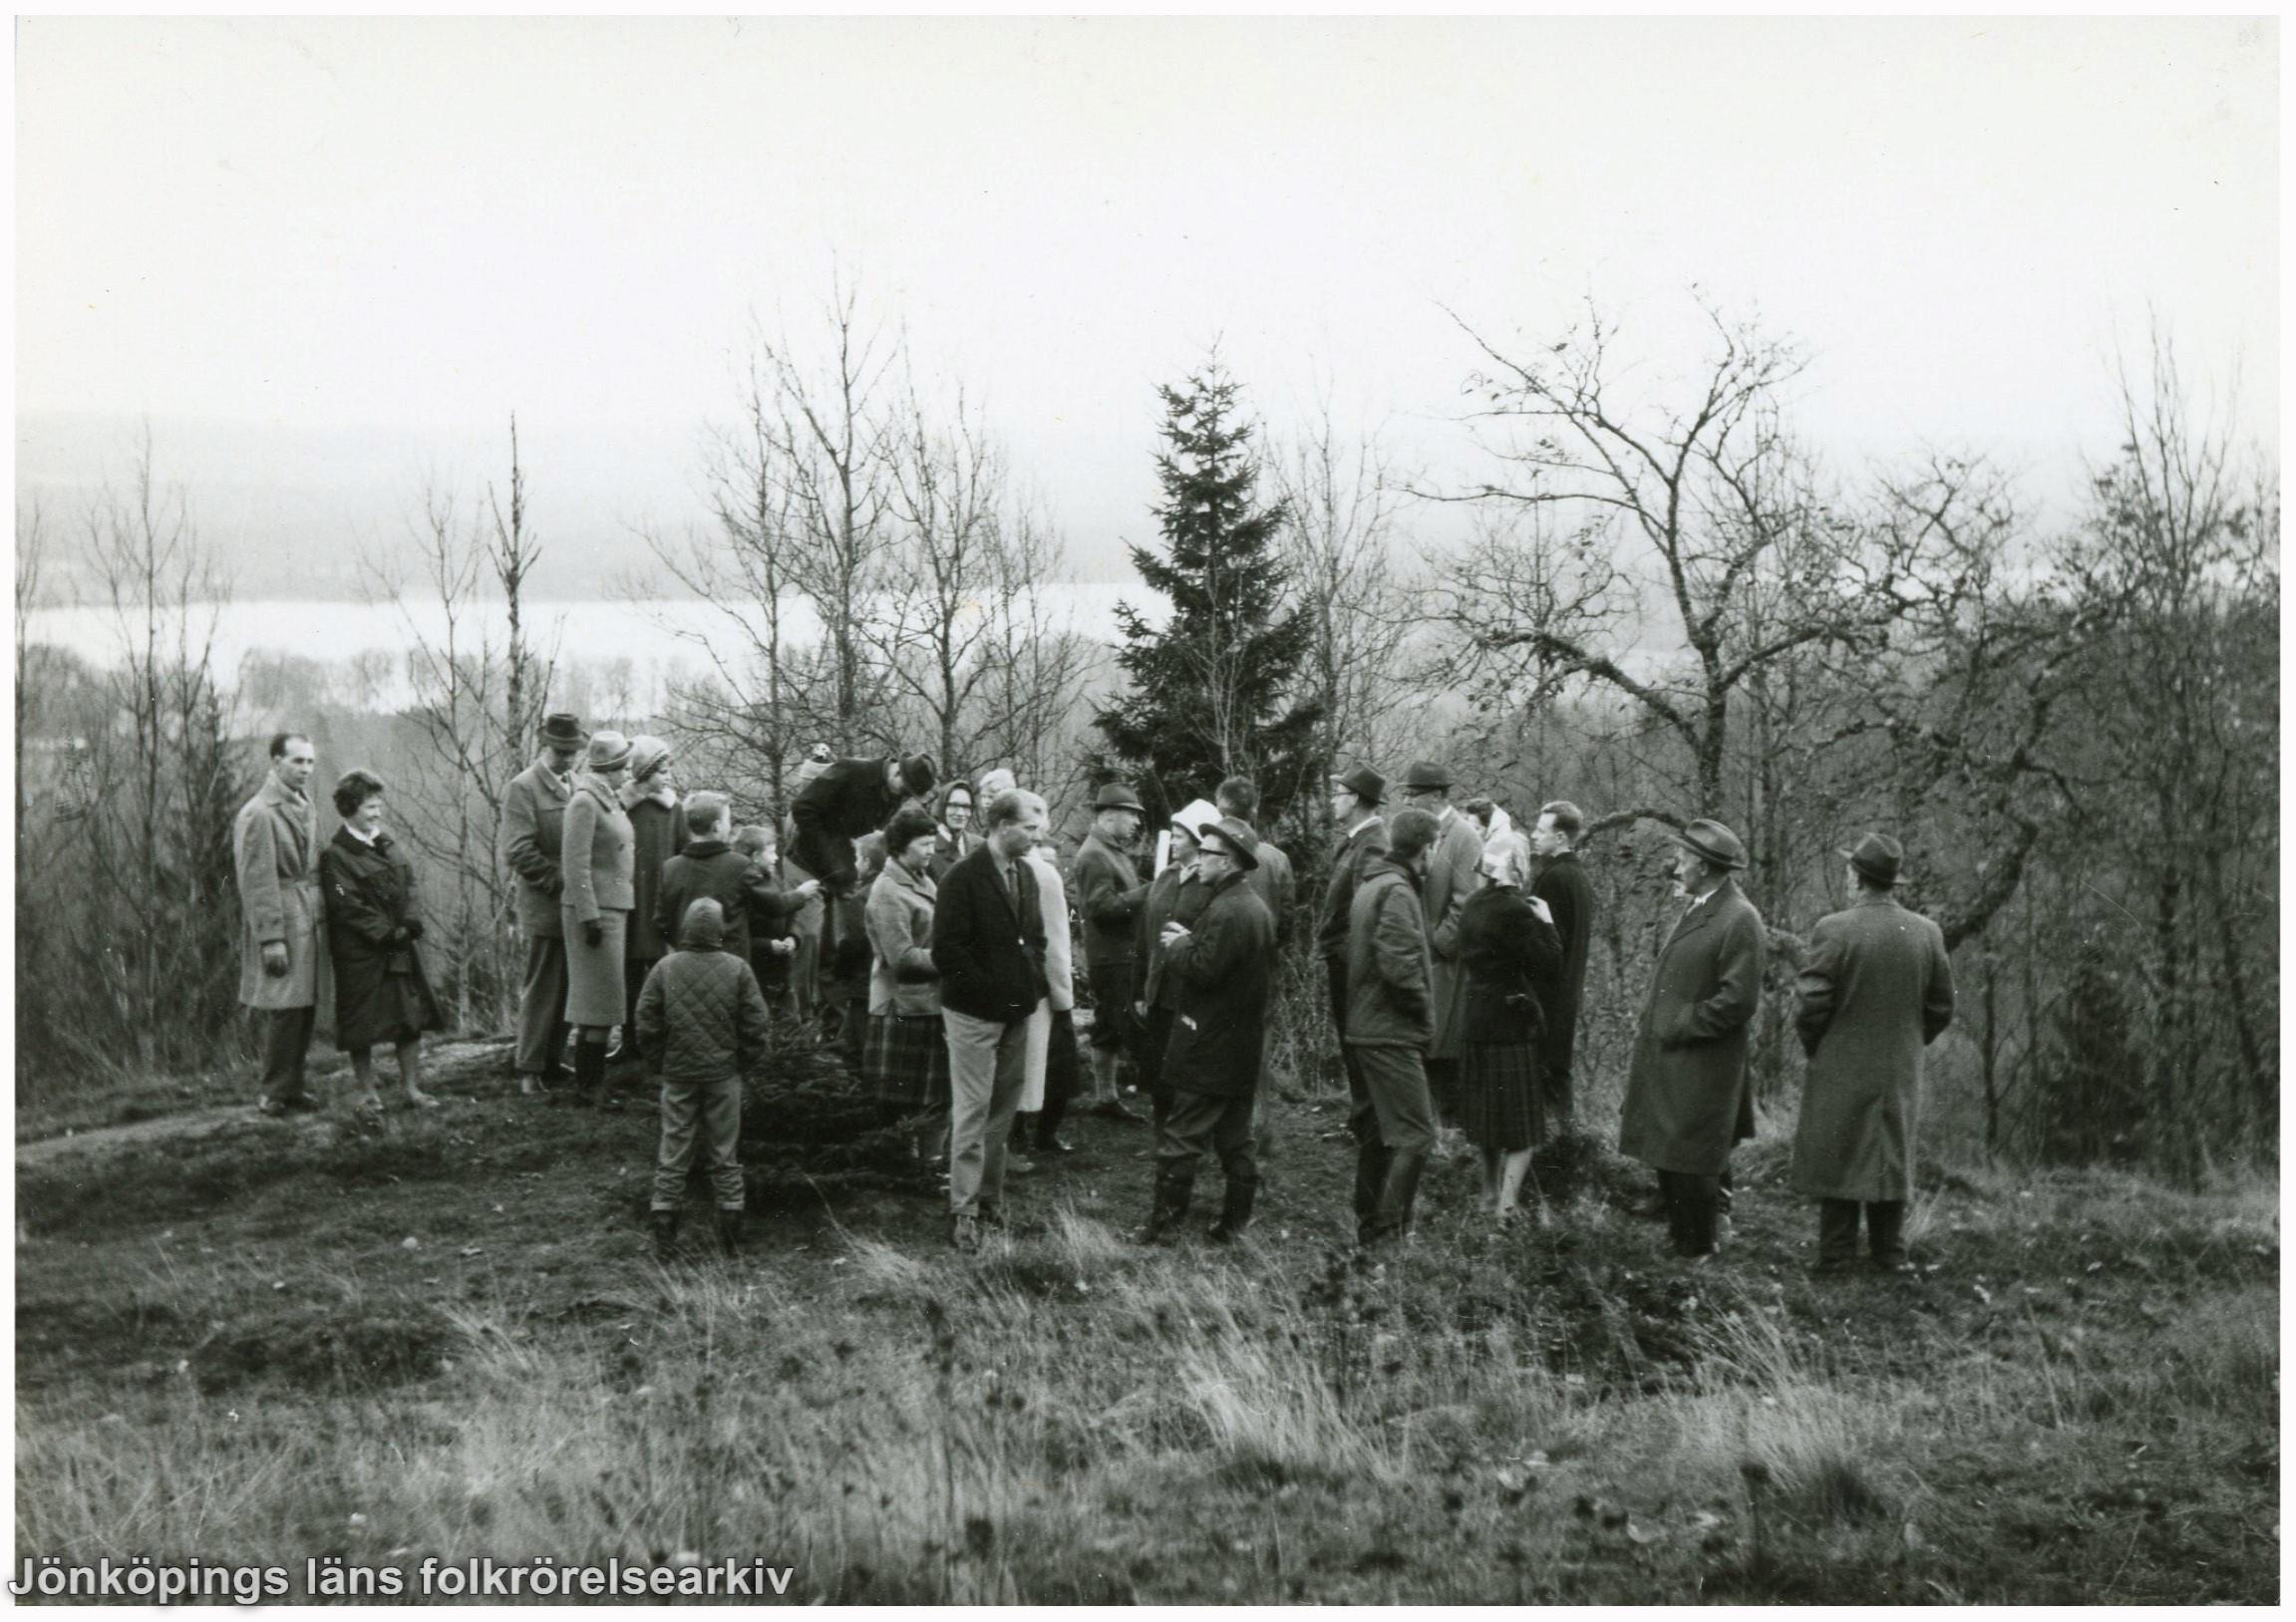 En grupp människor i gles skog på en höjd. I bakgrunden skymtar en sjö.